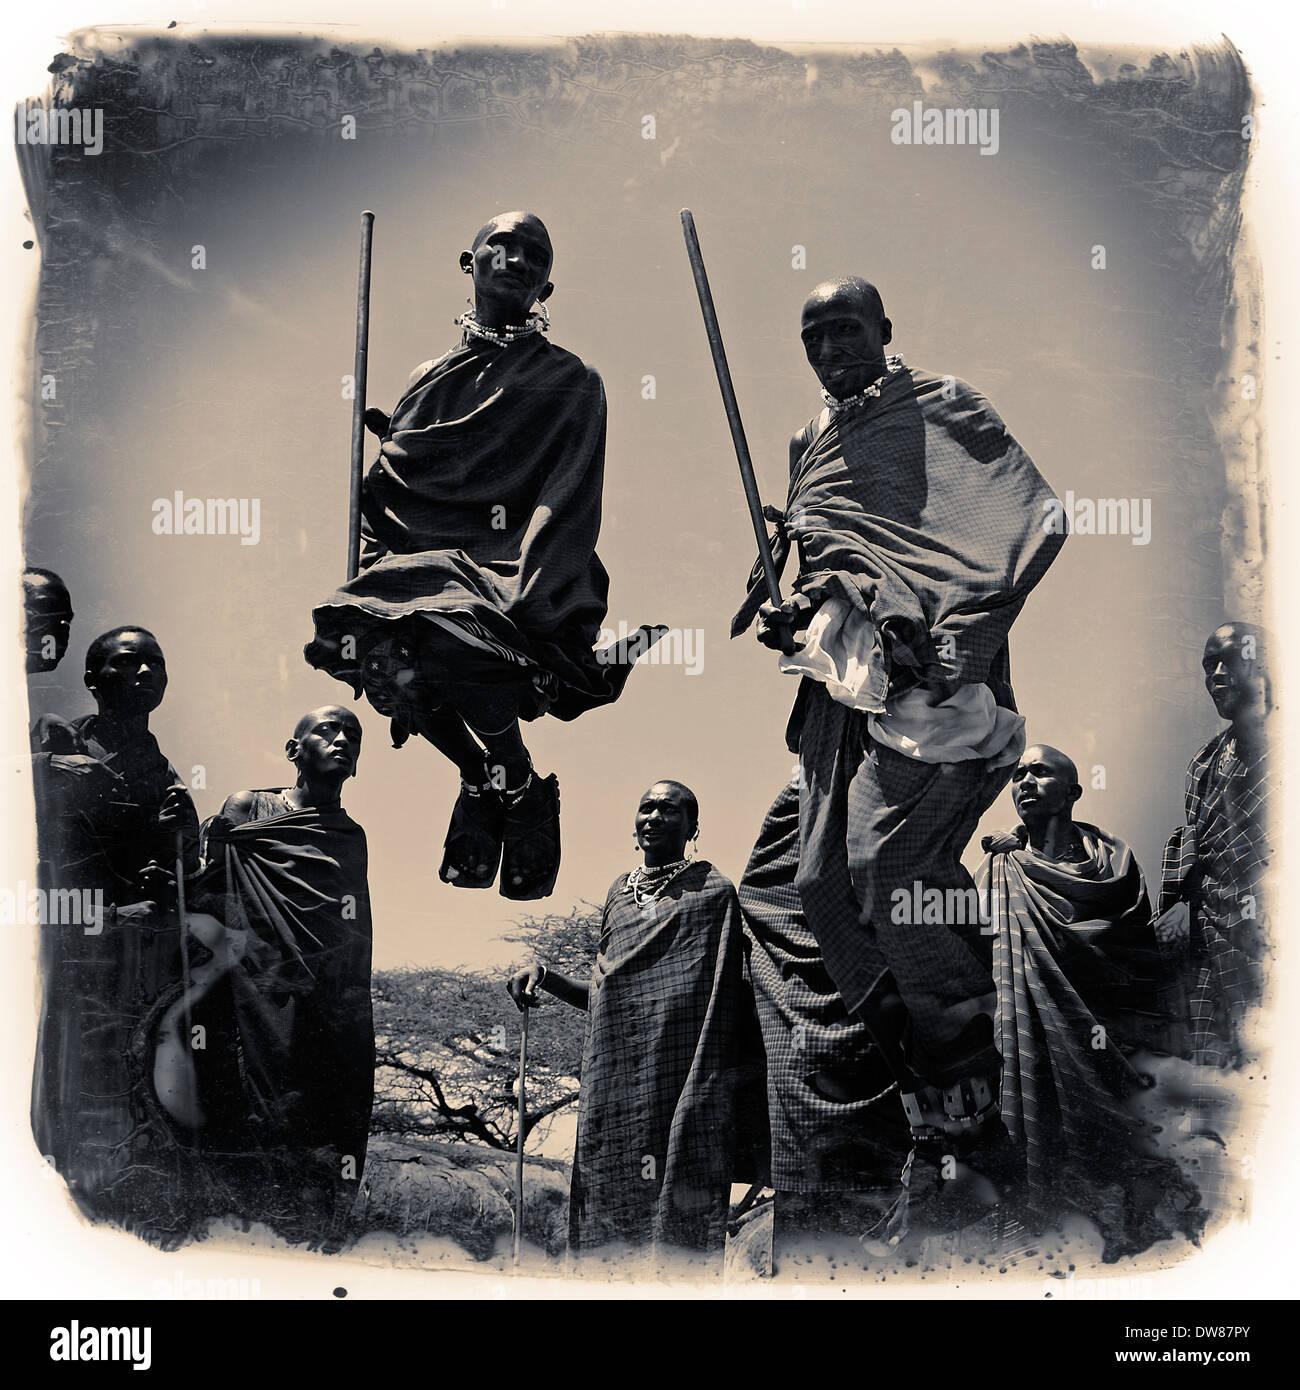 Un grupo de hombres Masai, tomando parte en la tradicional danza Adumu comúnmente conocida como el Salto de la danza Foto de stock